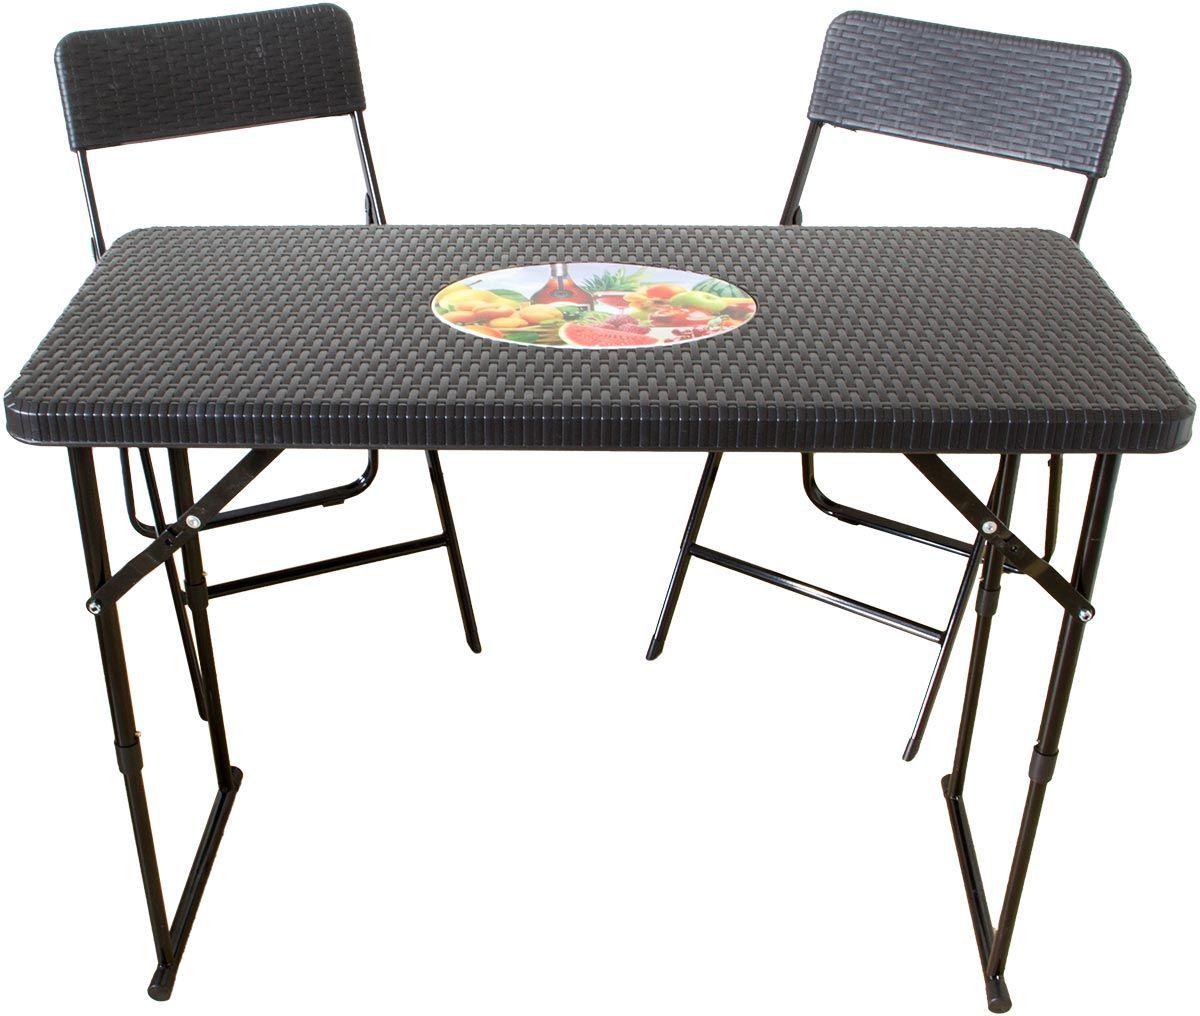 Klapptisch Mit 2 Stuhlen Rattan Optik Balkon Set Tisch Hohenverstellbar Klapptisch Stuhle